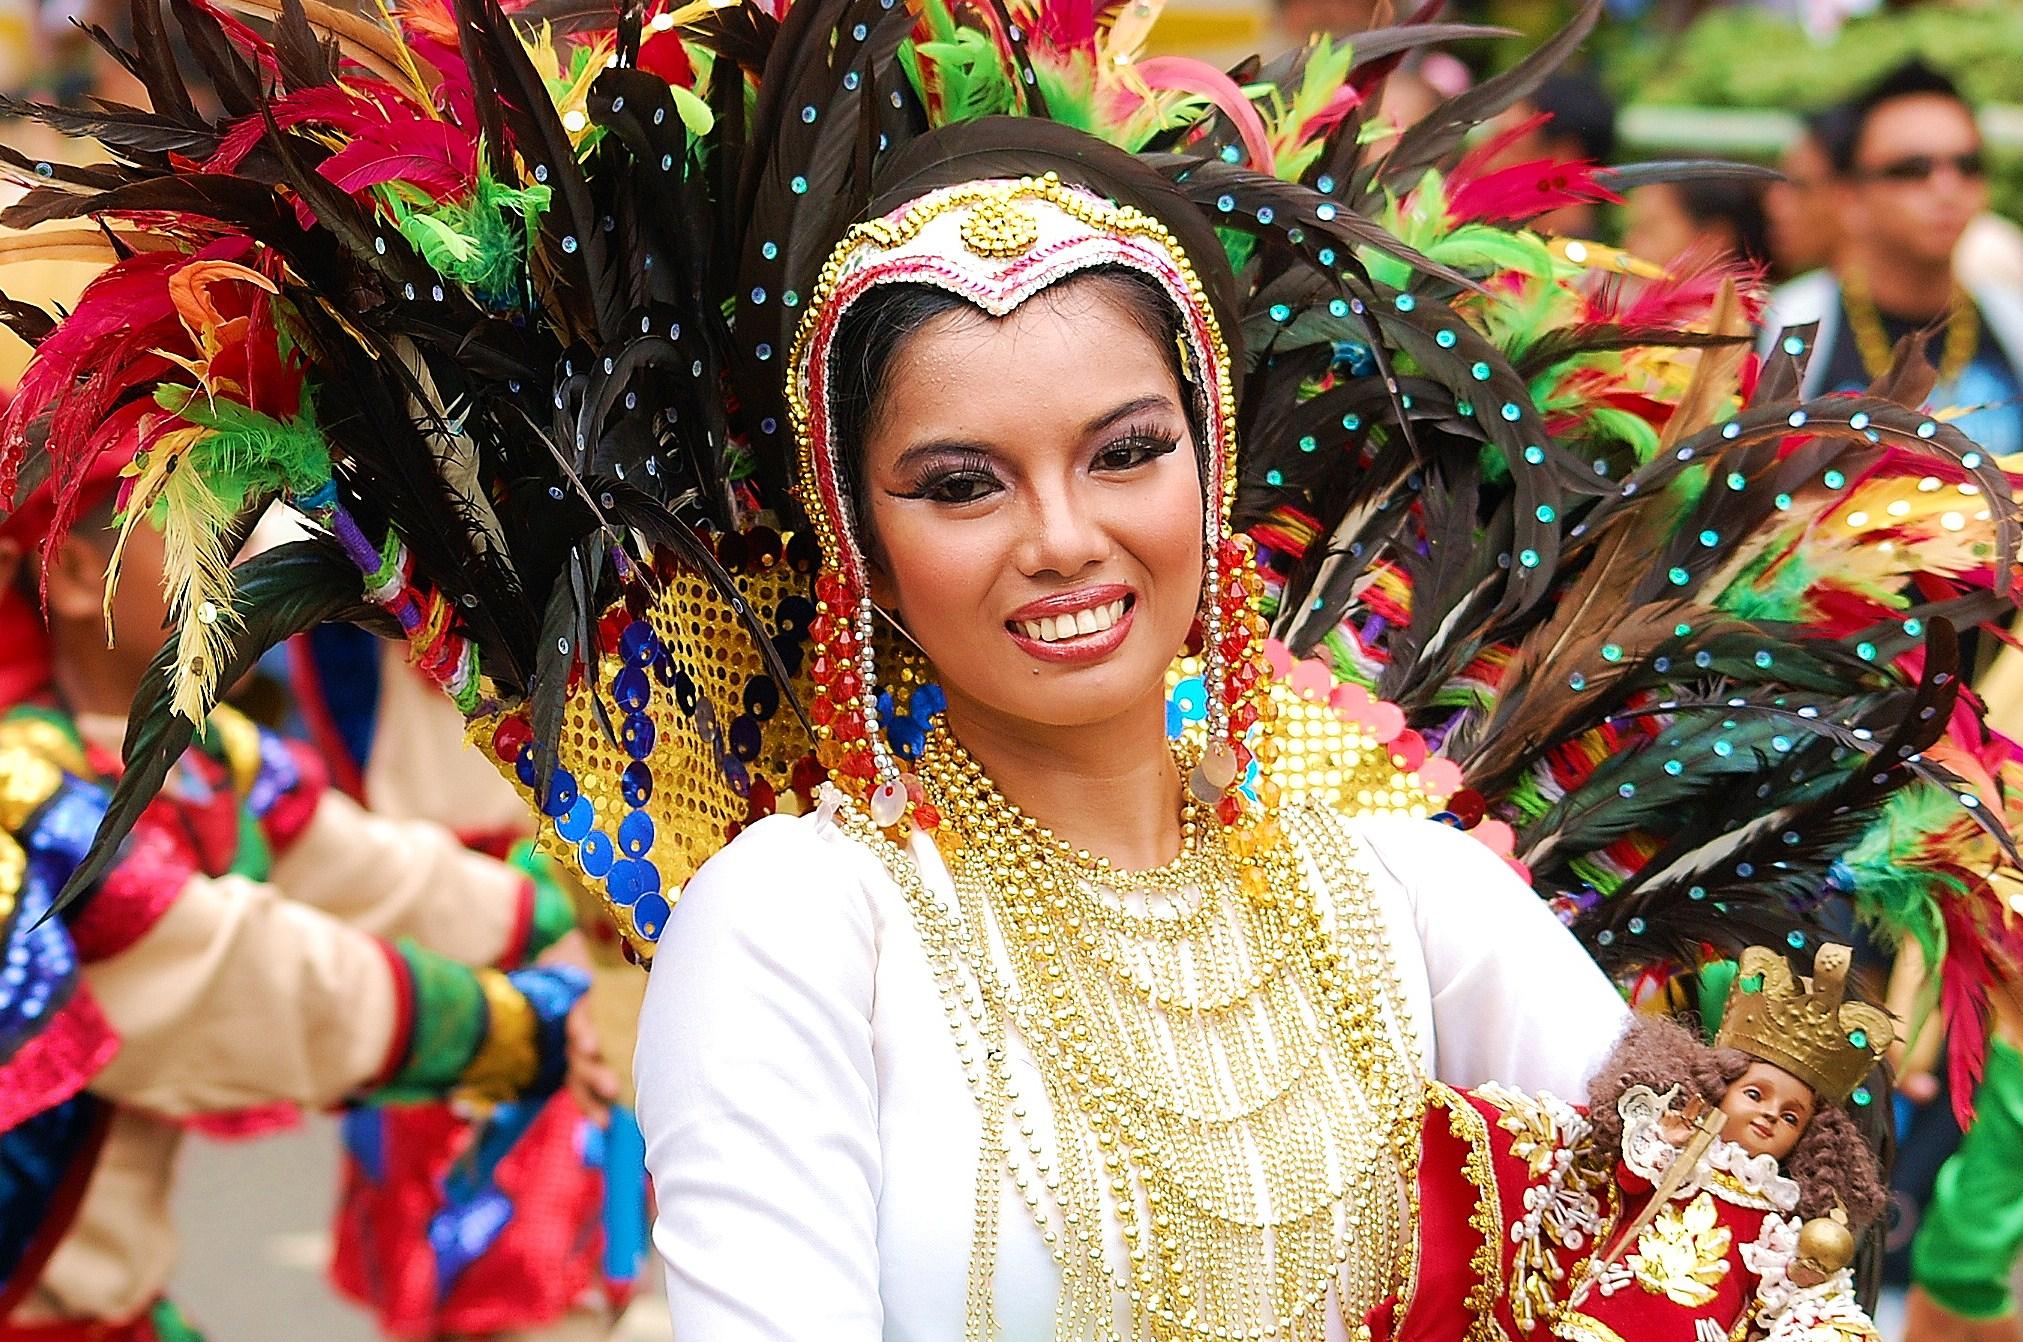 Samahang Bulaklakan Festival